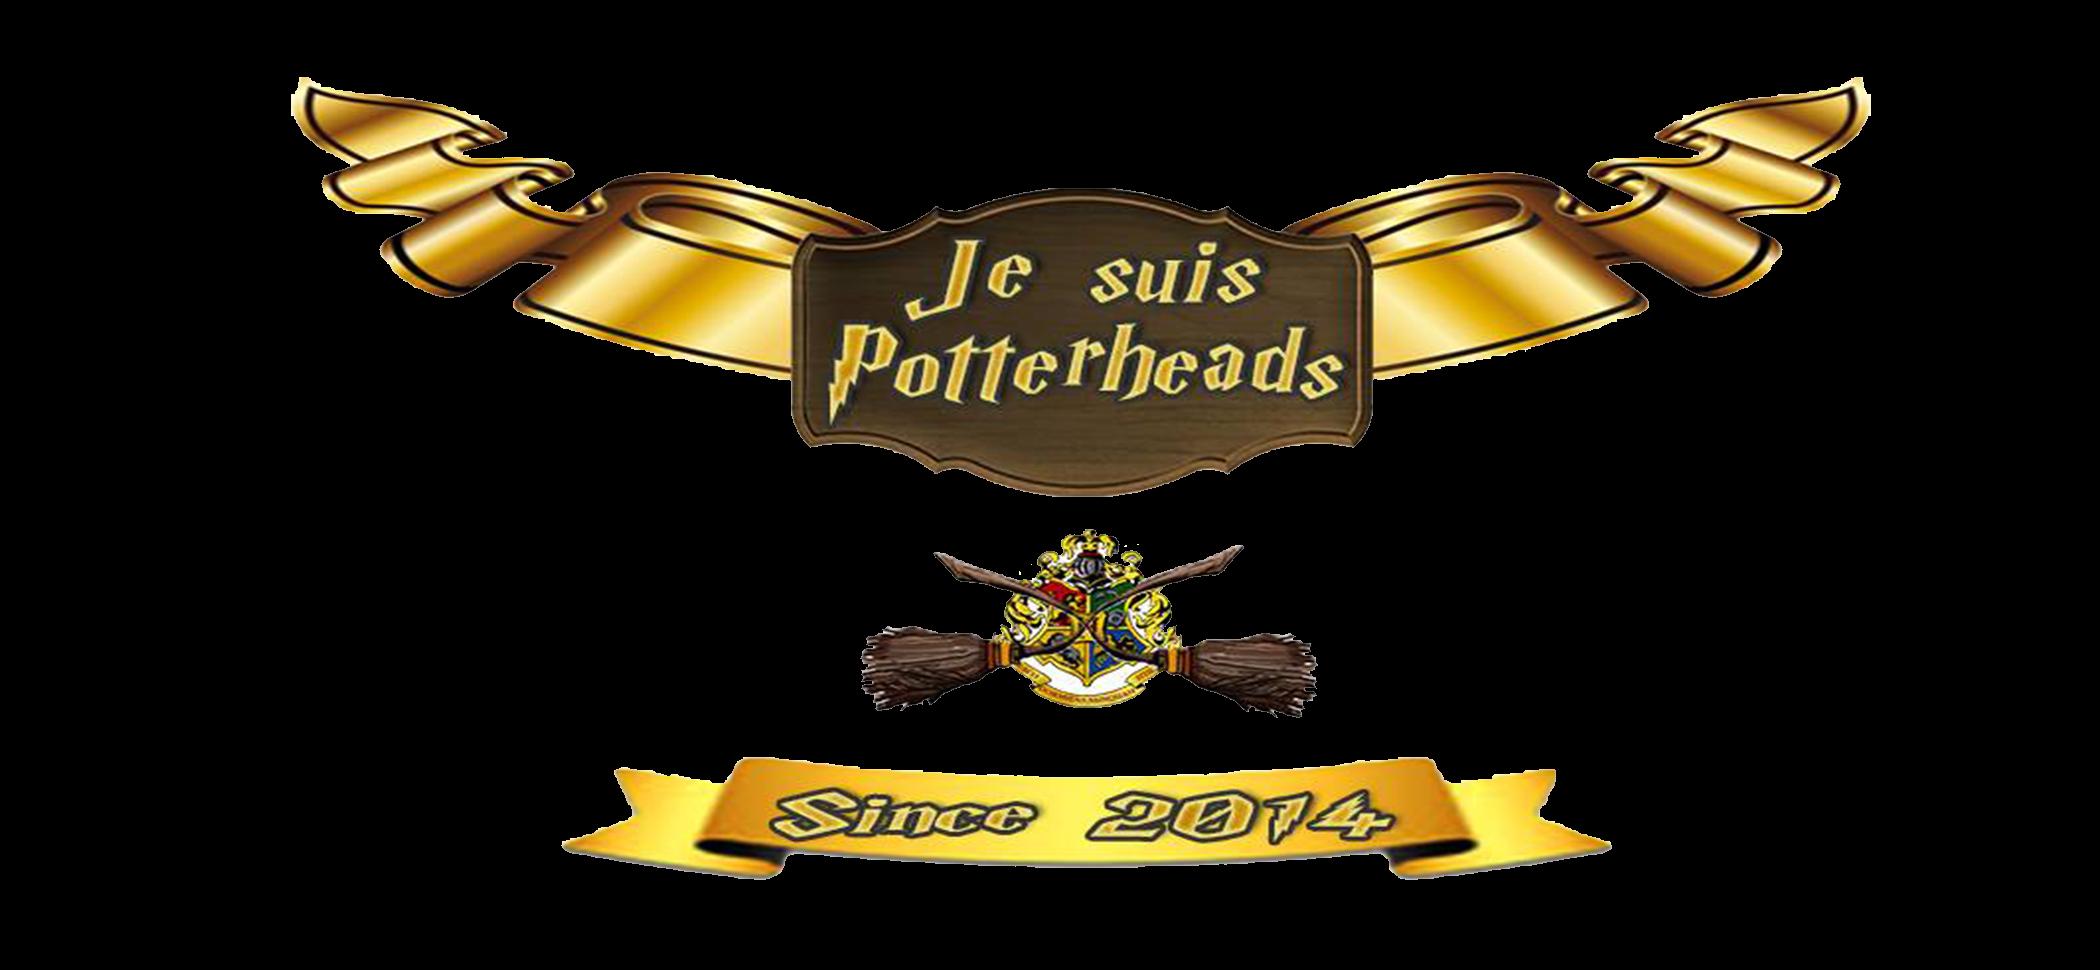 Je suis Potterheads.